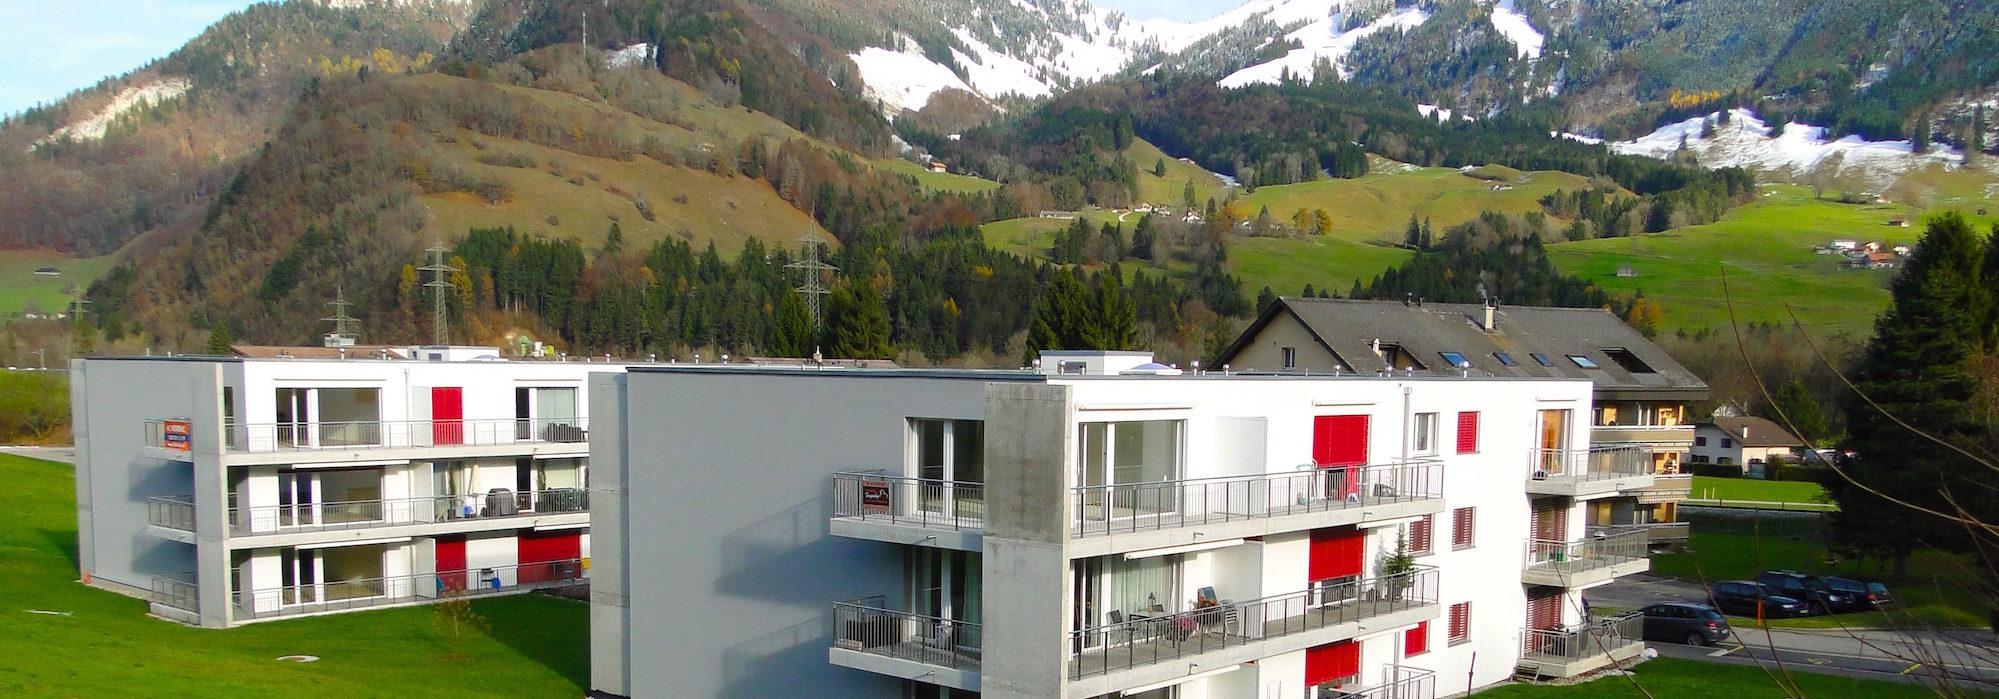 Enney – Gruyères, plus que 5 appartements à vendre